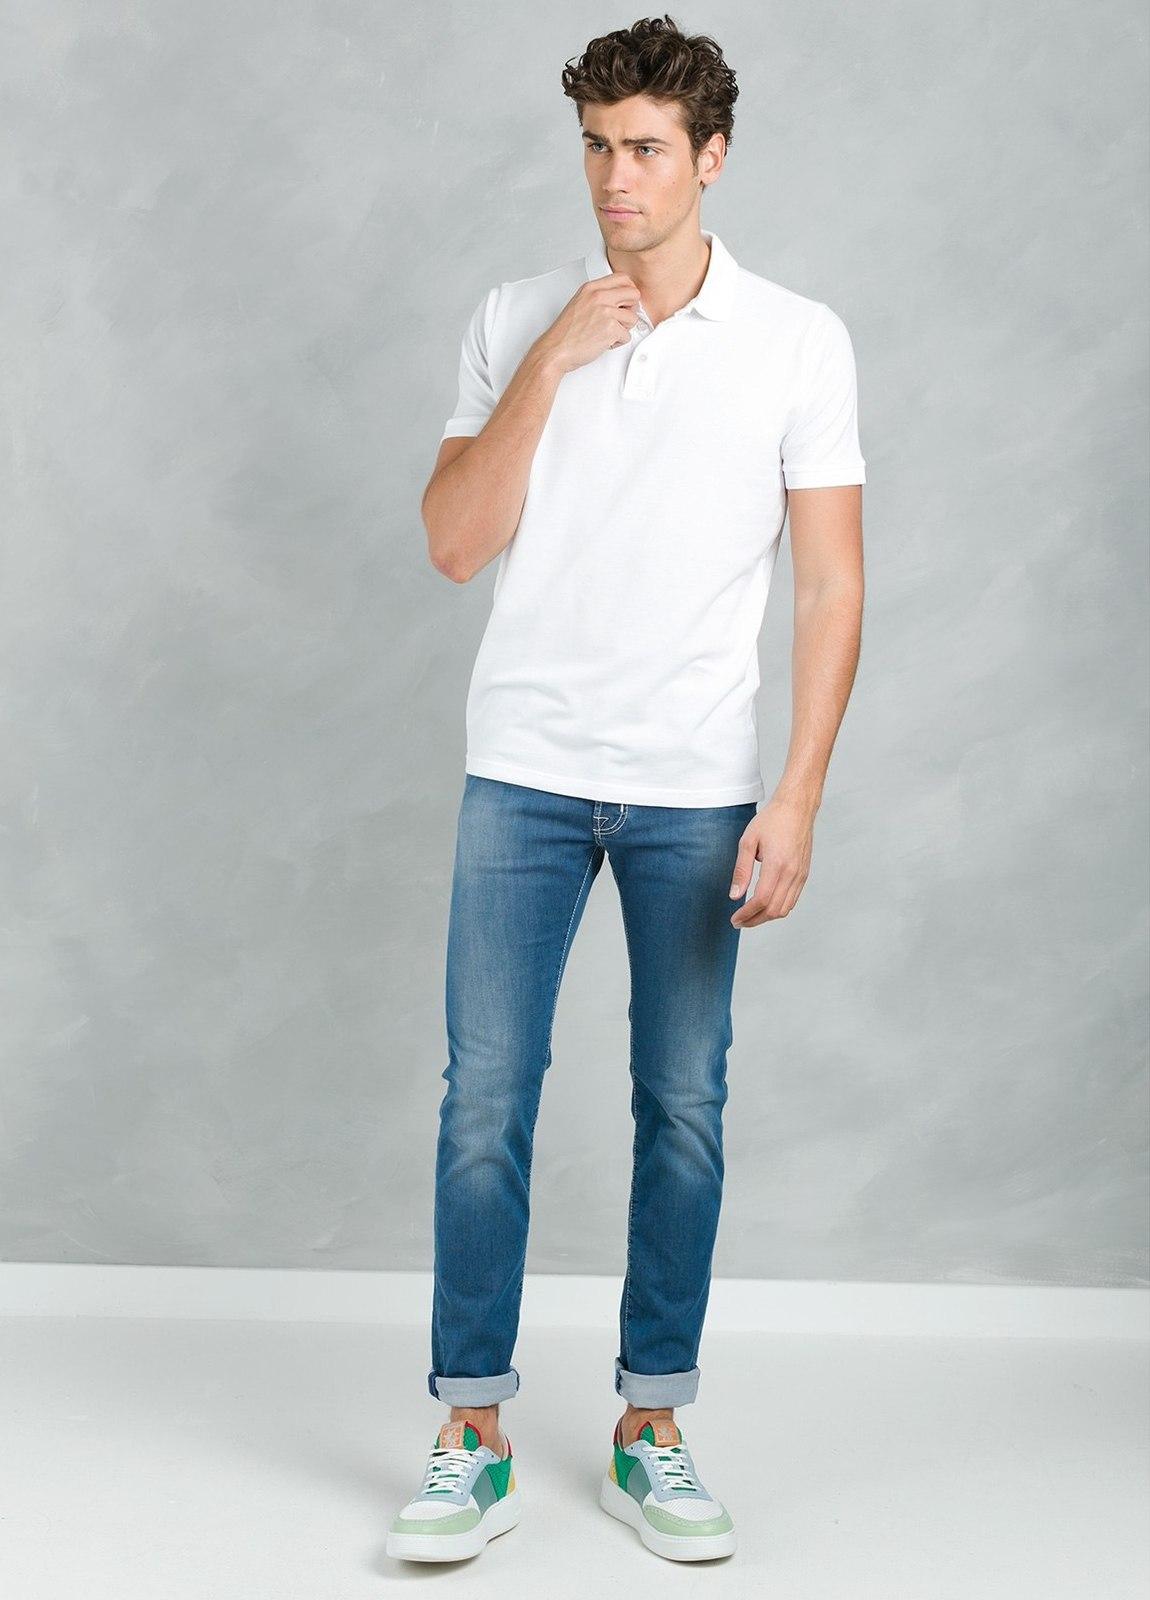 Polo manga corta con flor grabada en cuello, color blanco, 95% Algodón 5% Elastán. - Ítem2